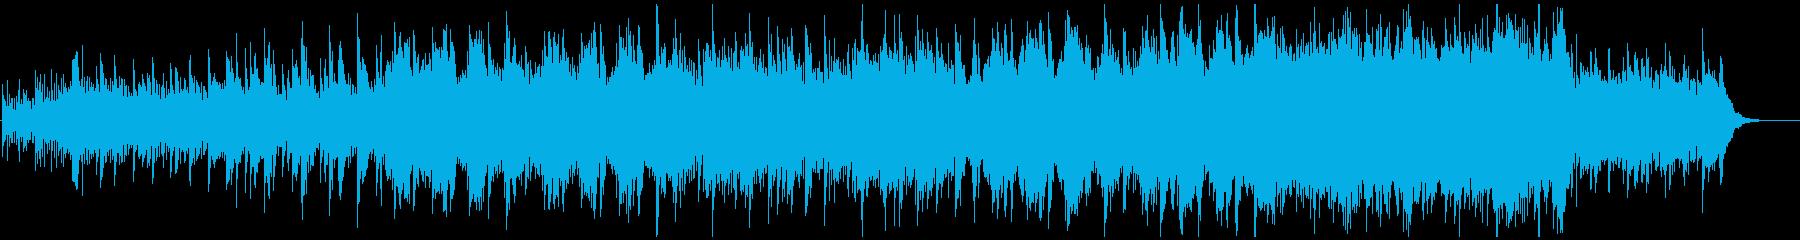 神秘的、感動的なピアノハープストリングスの再生済みの波形